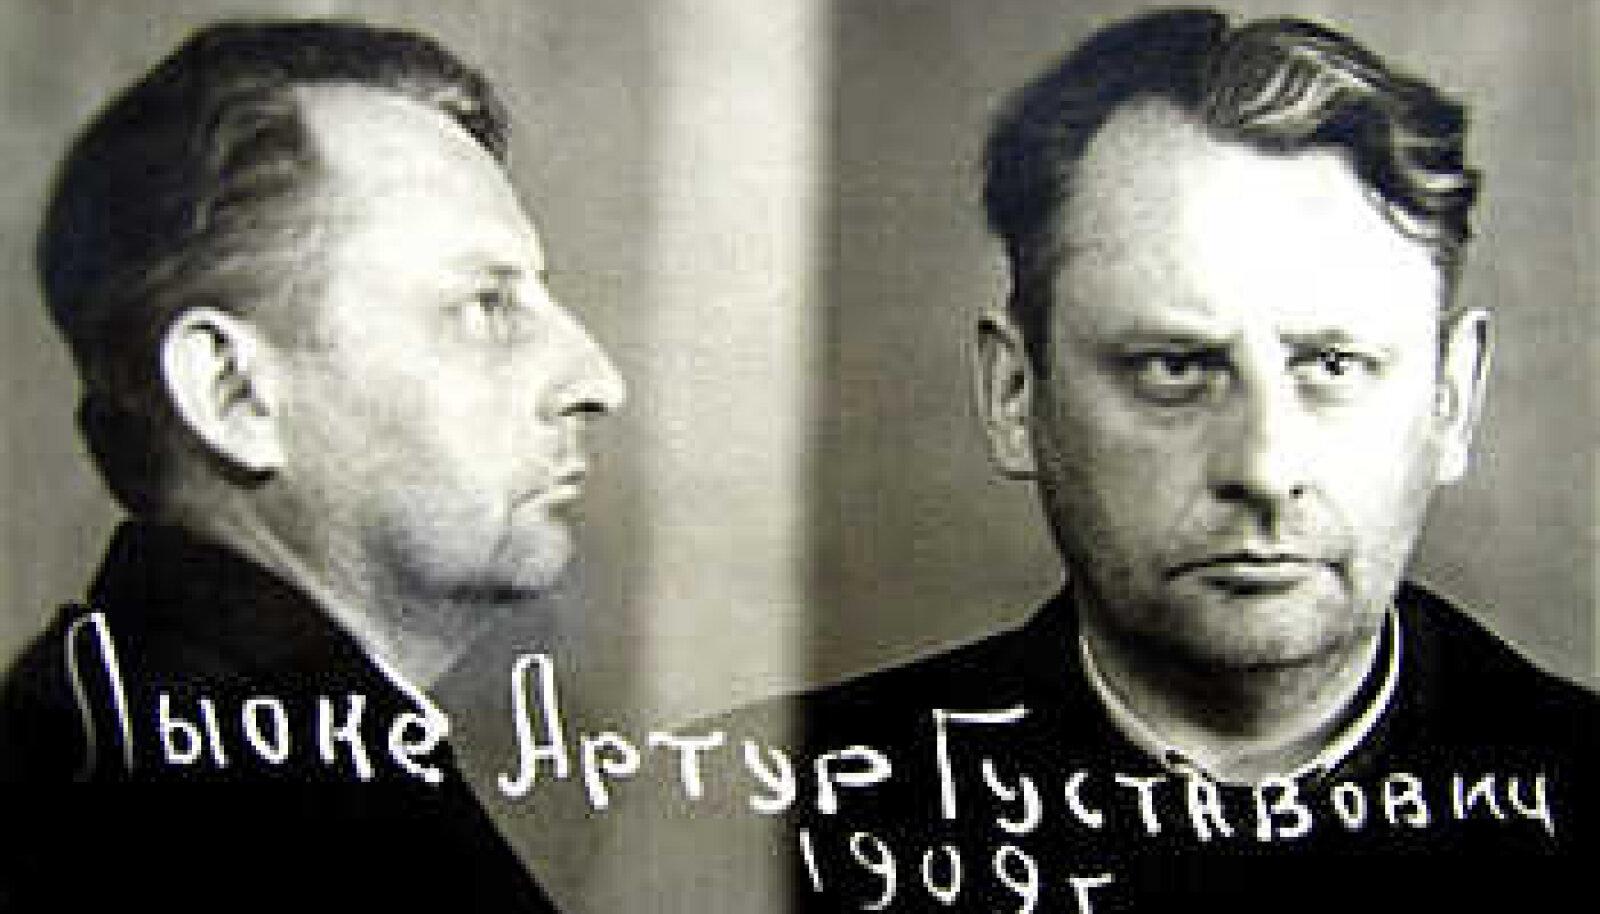 VIIMASED FOTOD: Artur Lõoke Nõukogude julgeoleku vangina vahetult pärast Soomest väljaandmist aprillis 1950.